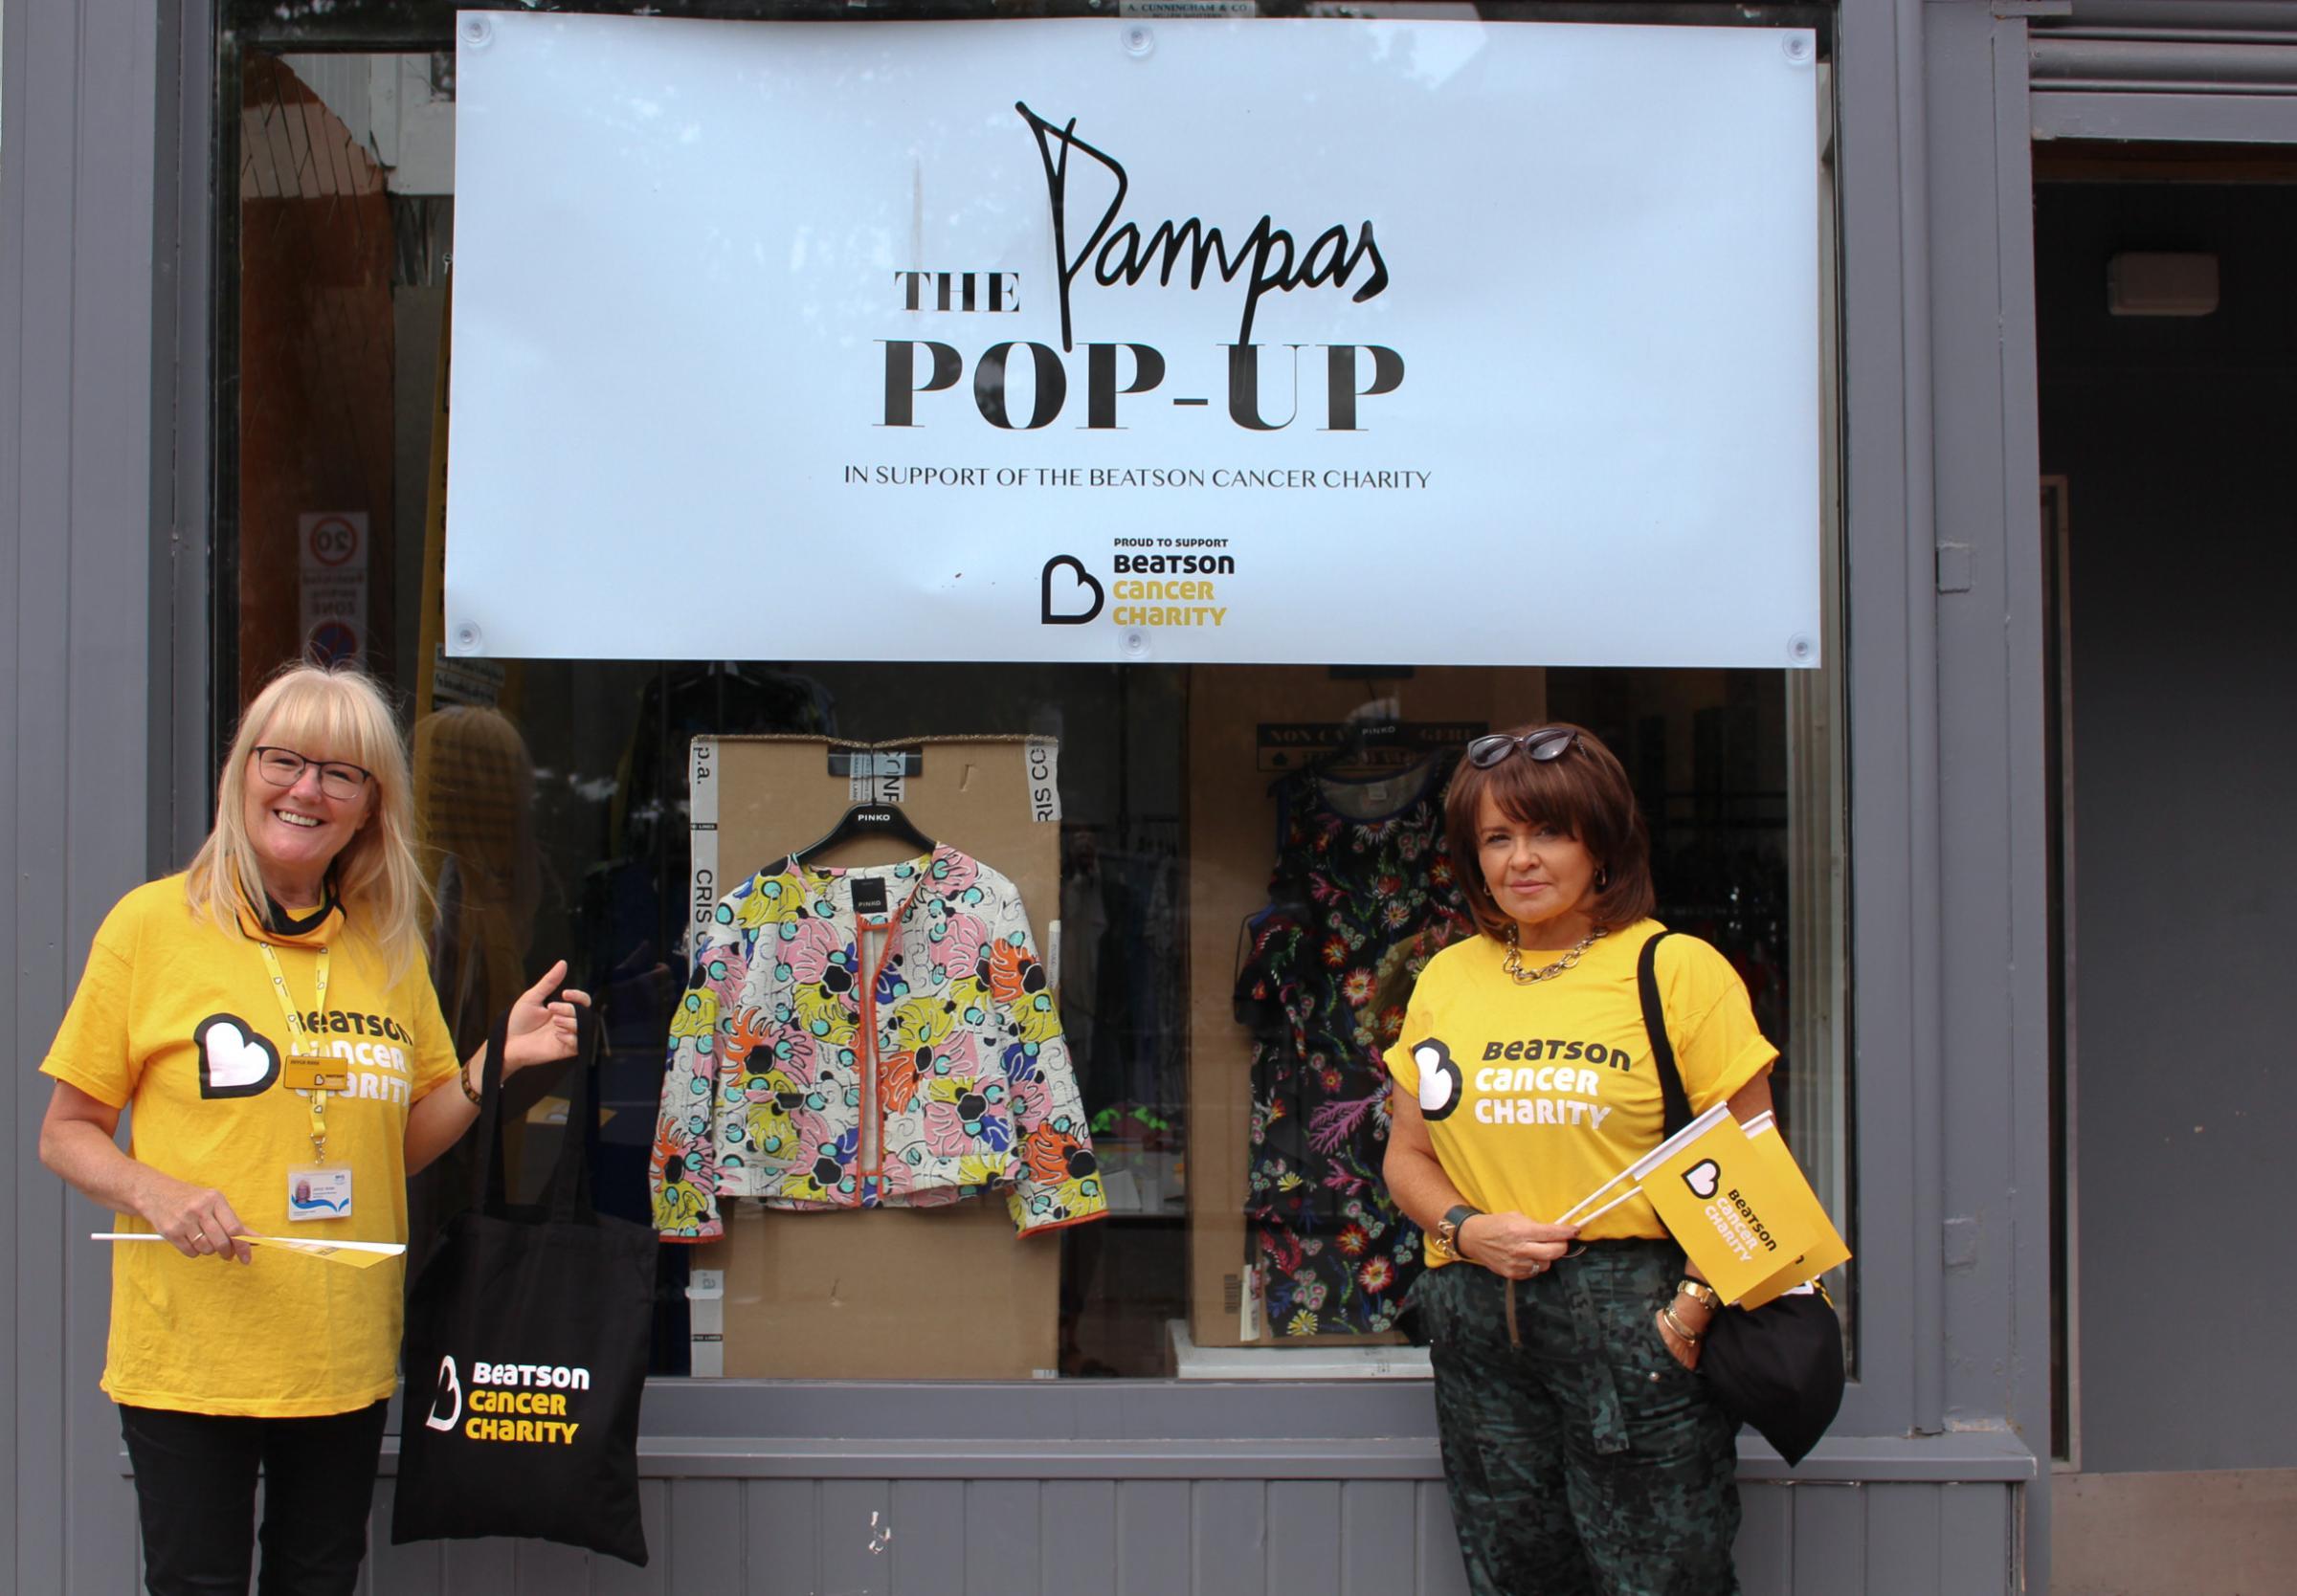 Pampas: West End boutique launches charity pop-up shop